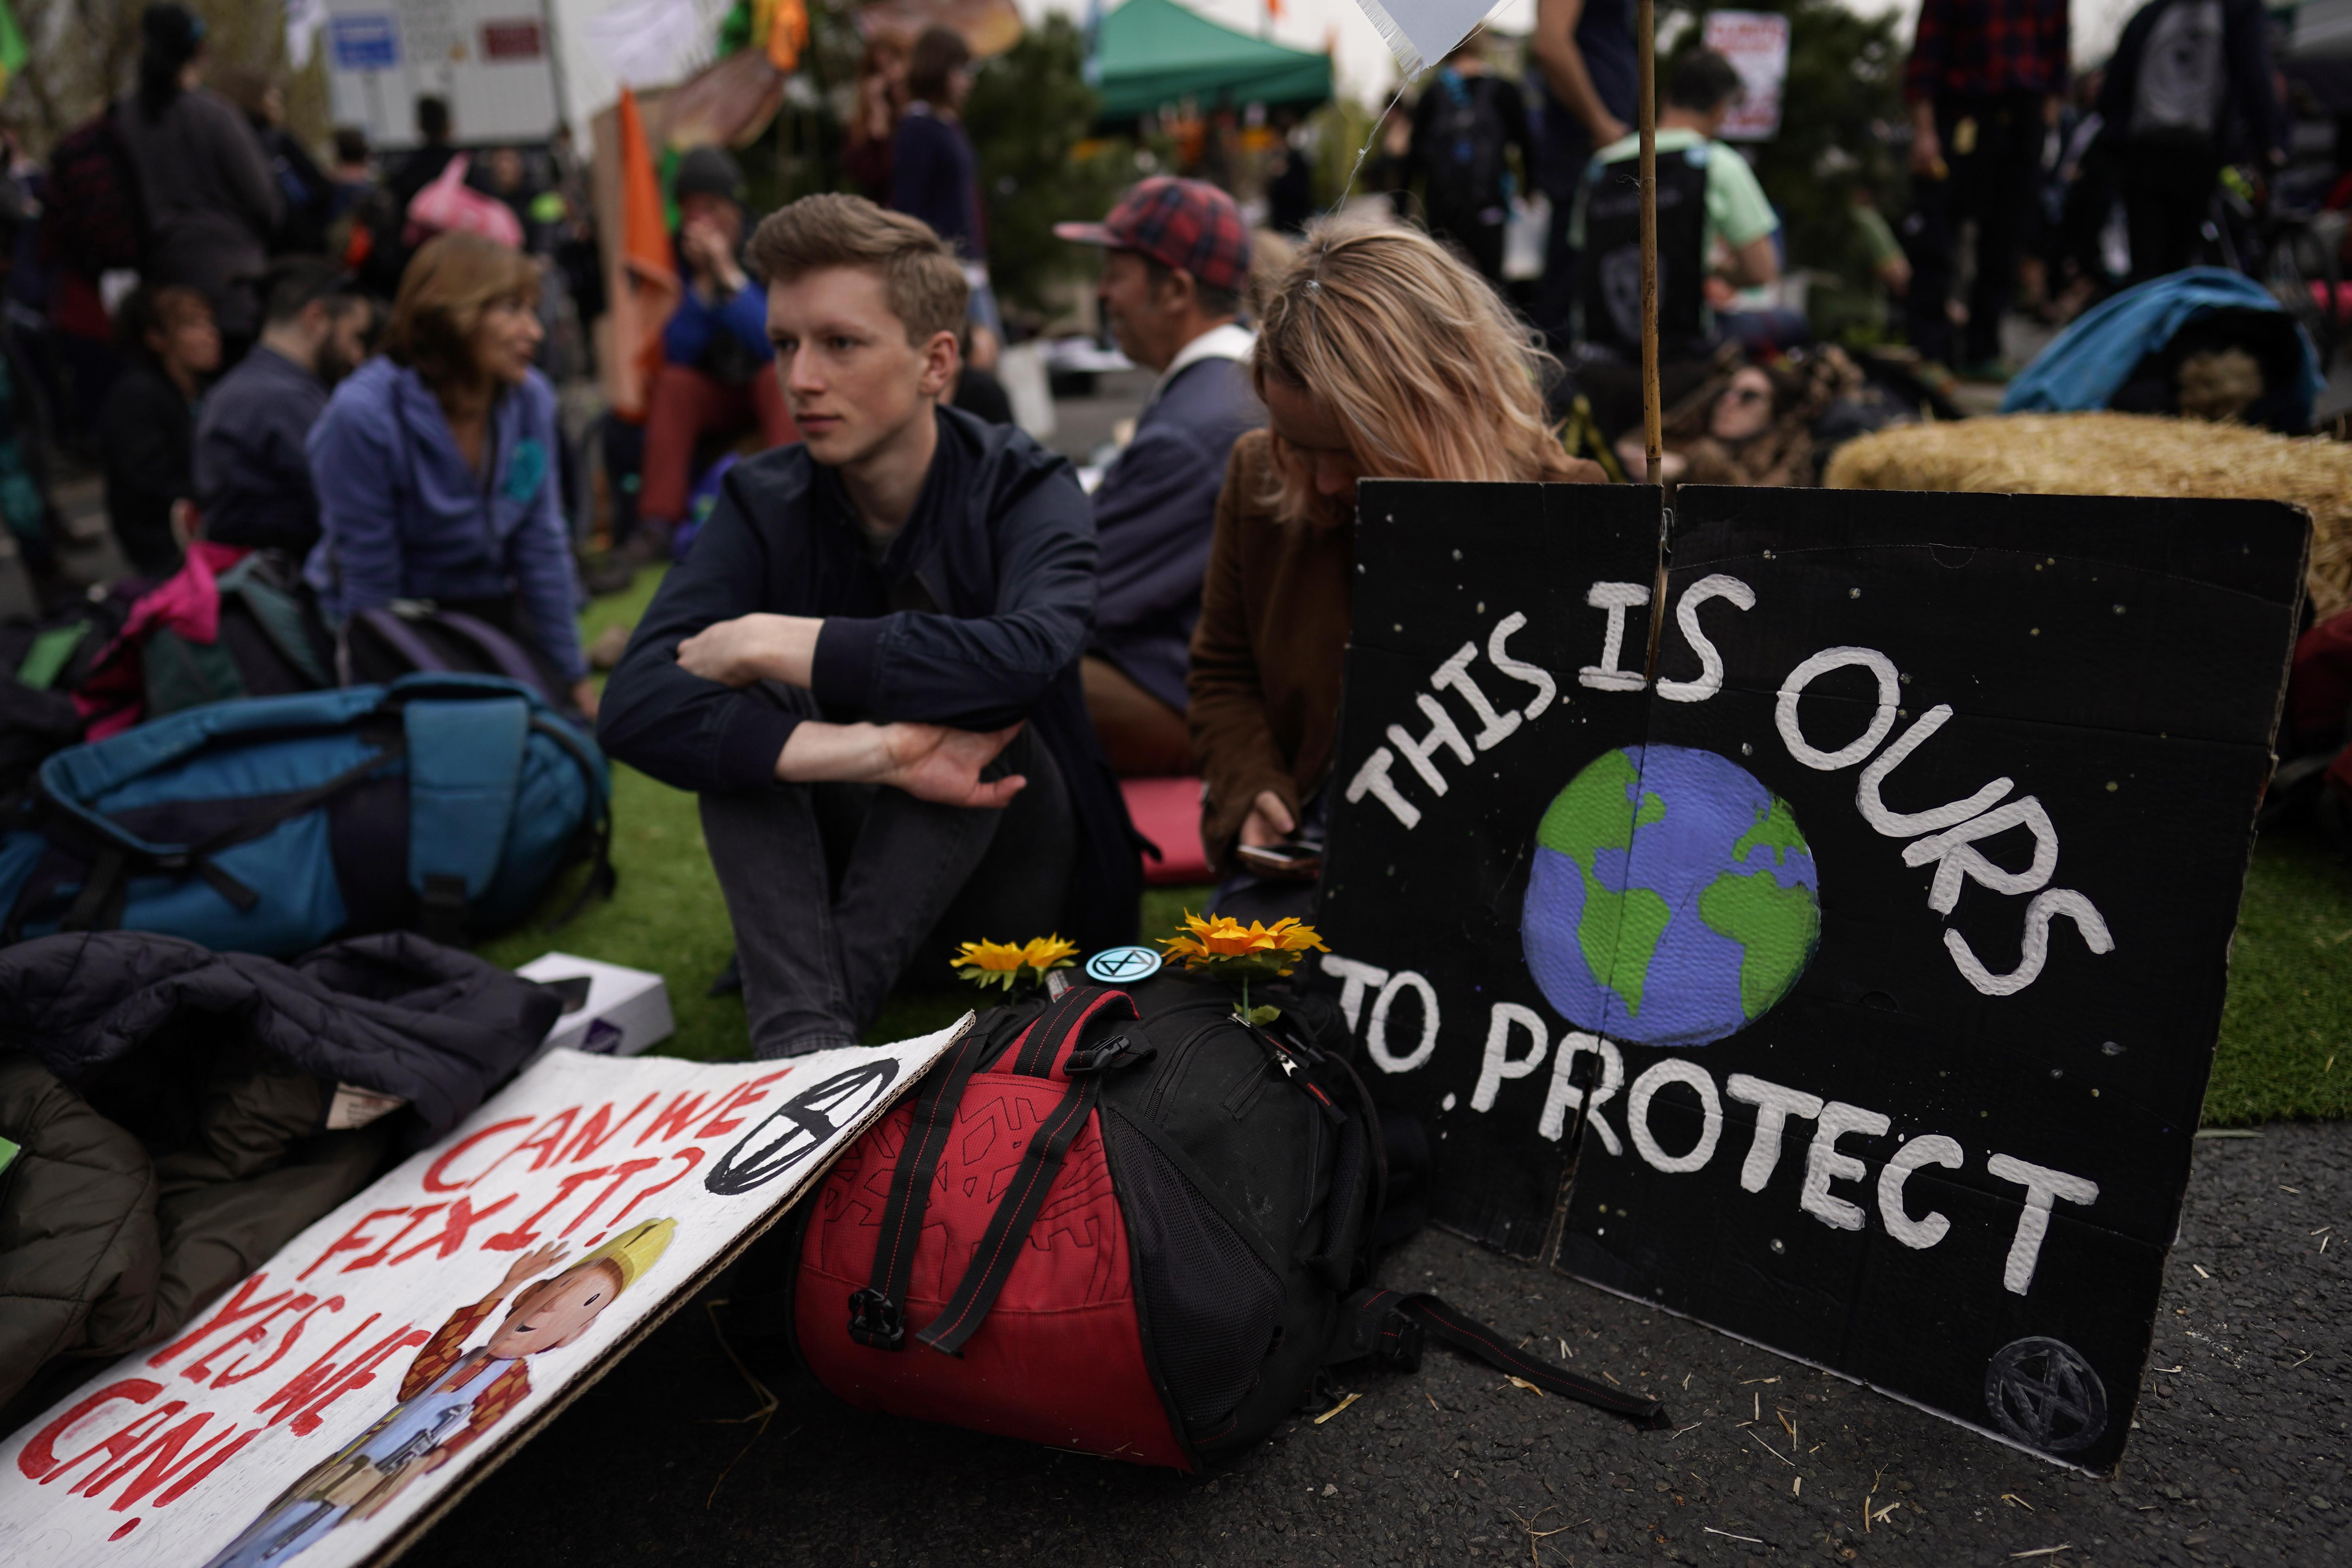 Quase 300 detidos em Londres em protestos contra alterações climáticas